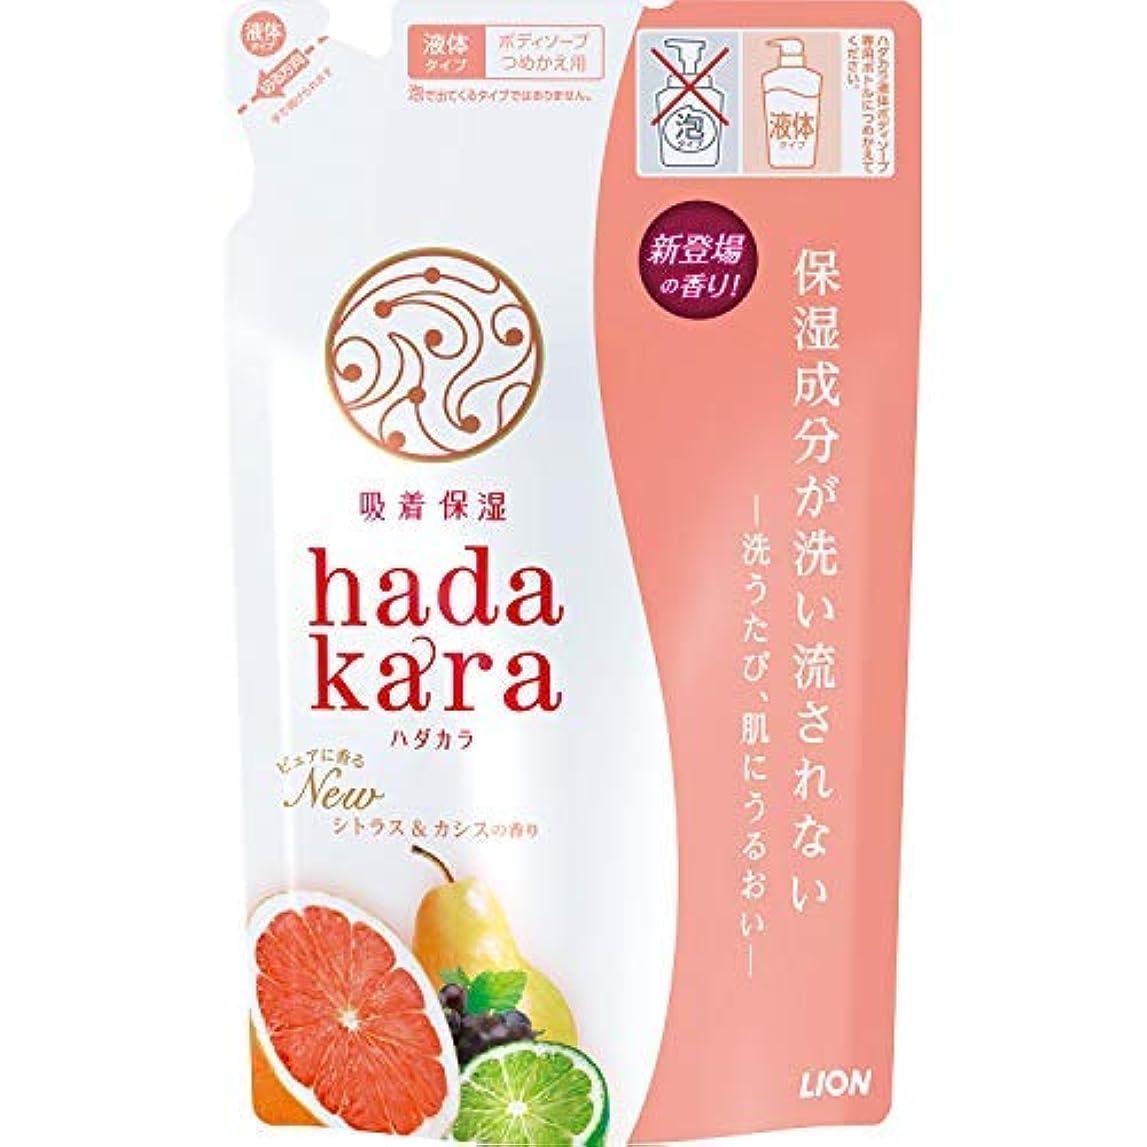 カウントカウント交換hadakara(ハダカラ)ボディソープ シトラス&カシスの香り 詰替え用 360ml × 12個セット